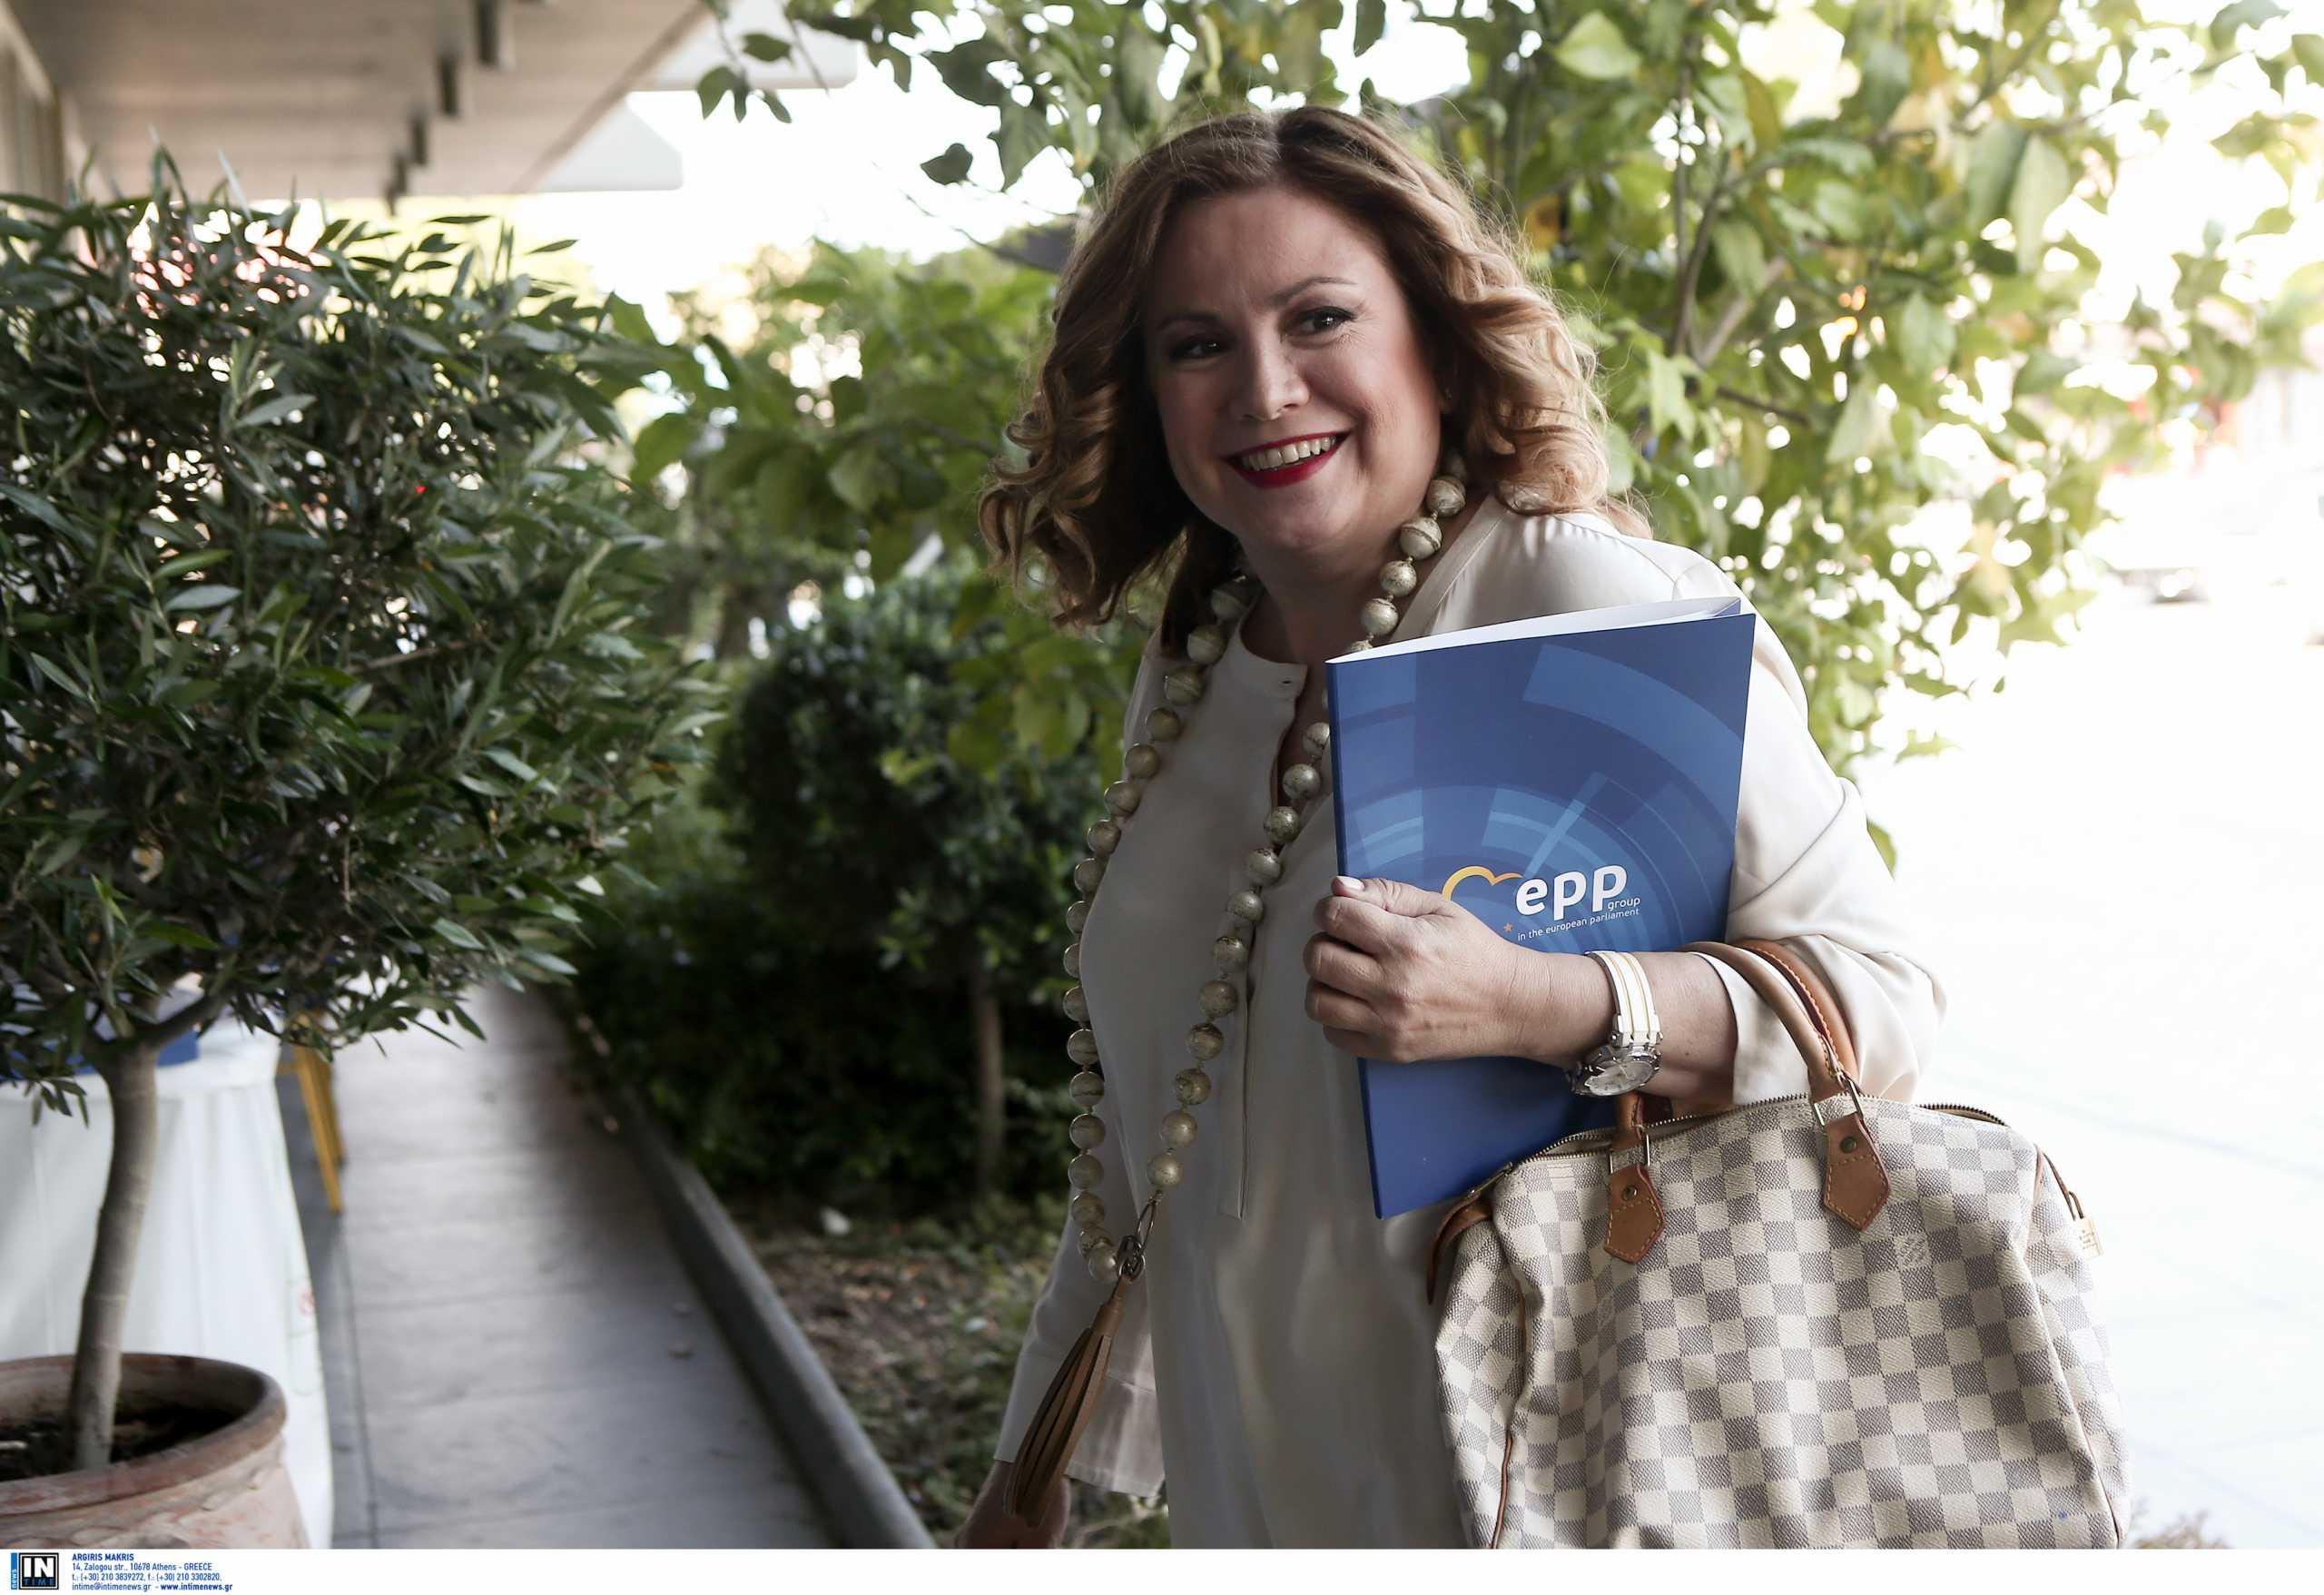 Εταιρείες από τα Σκόπια βαφτίζουν «Μακεδονικά» τα προϊόντα τους – Επείγουσα ερώτηση της Μαρίας Σπυράκη